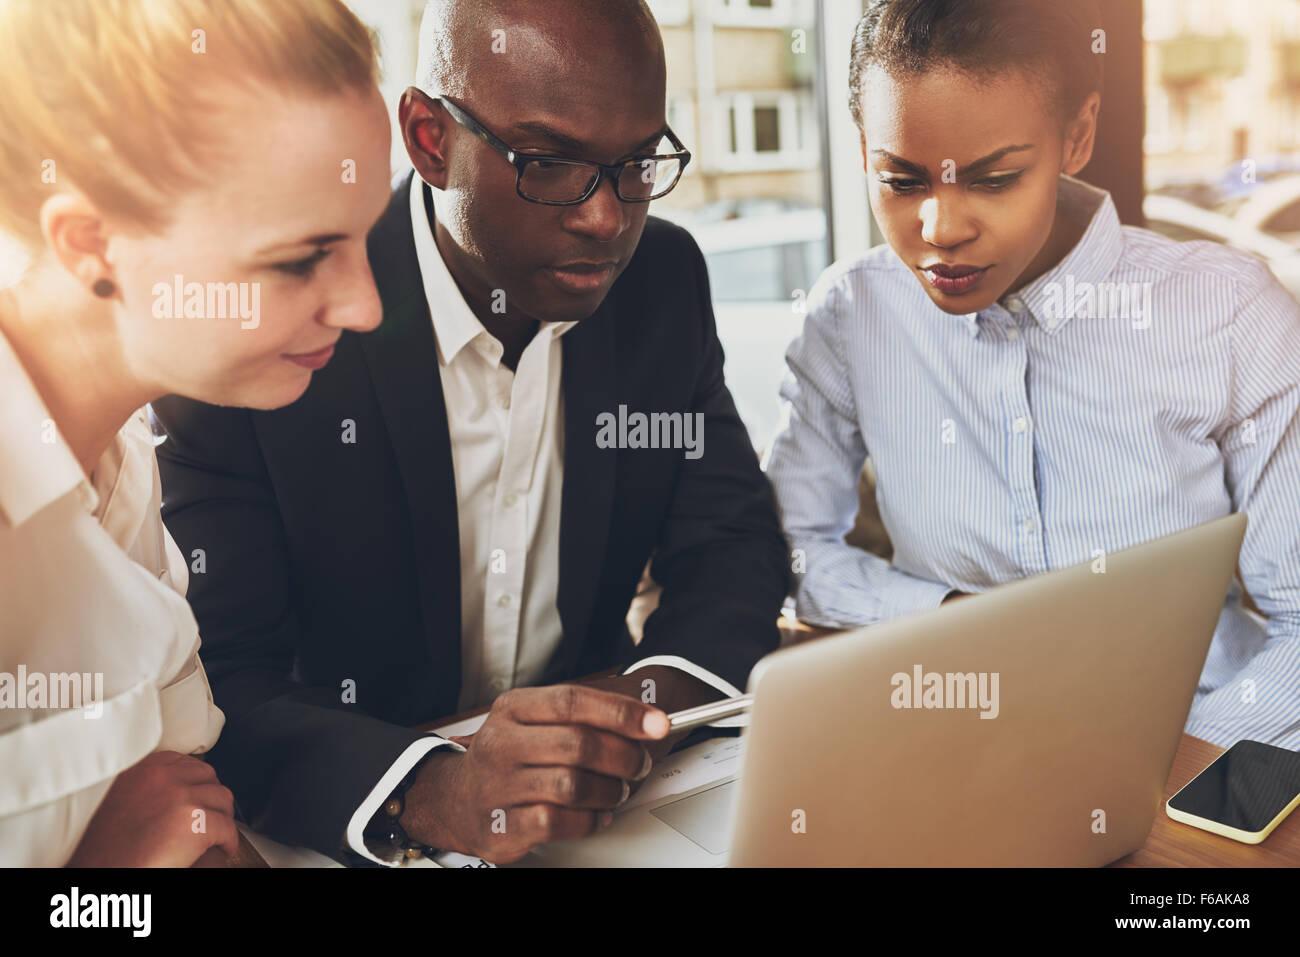 Varios negocios étnicos personas trabajando en la oficina sentado delante de un ordenador portátil, negro Imagen De Stock